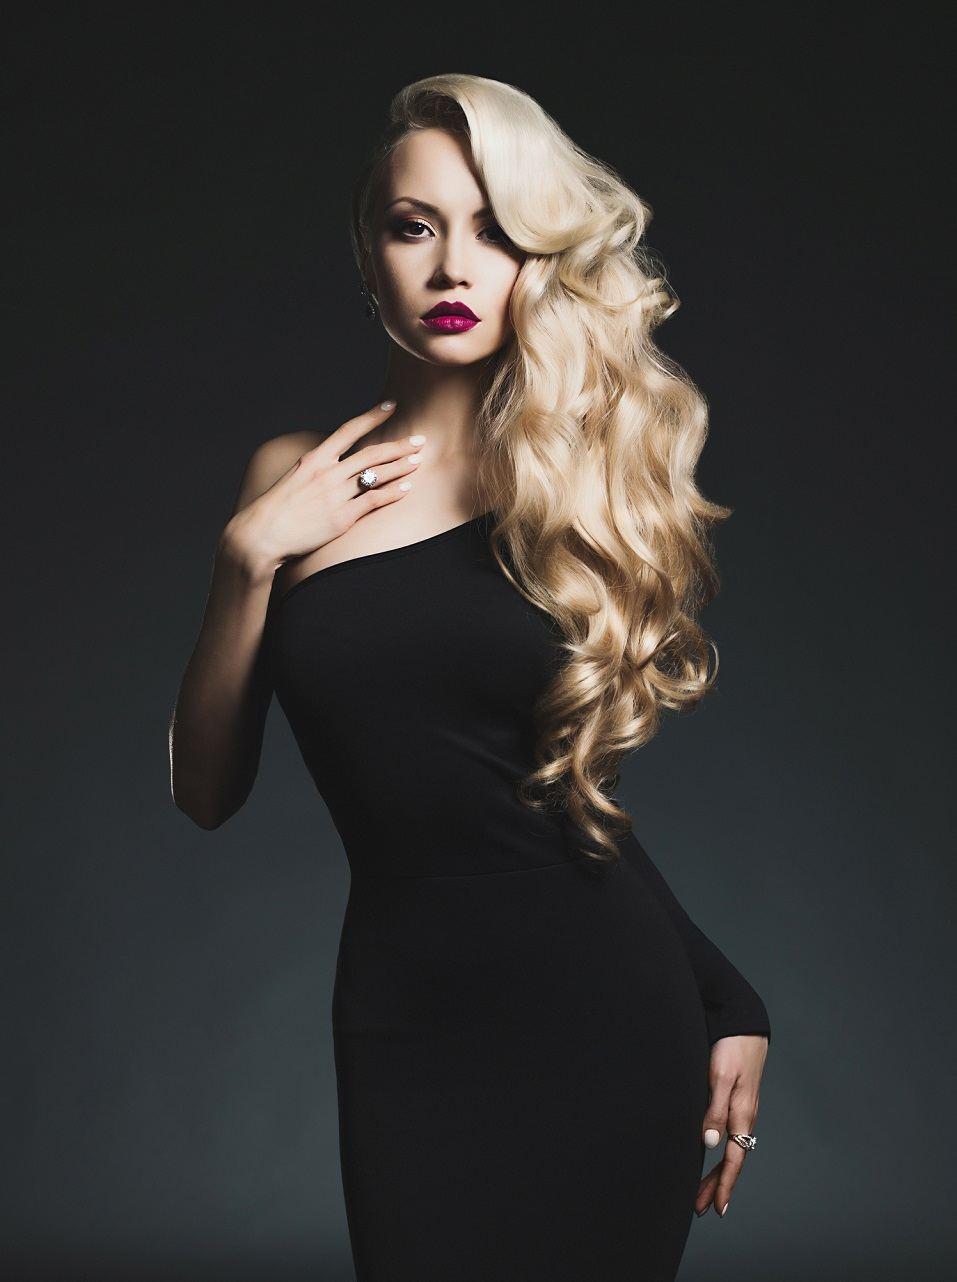 elegant blonde on black background